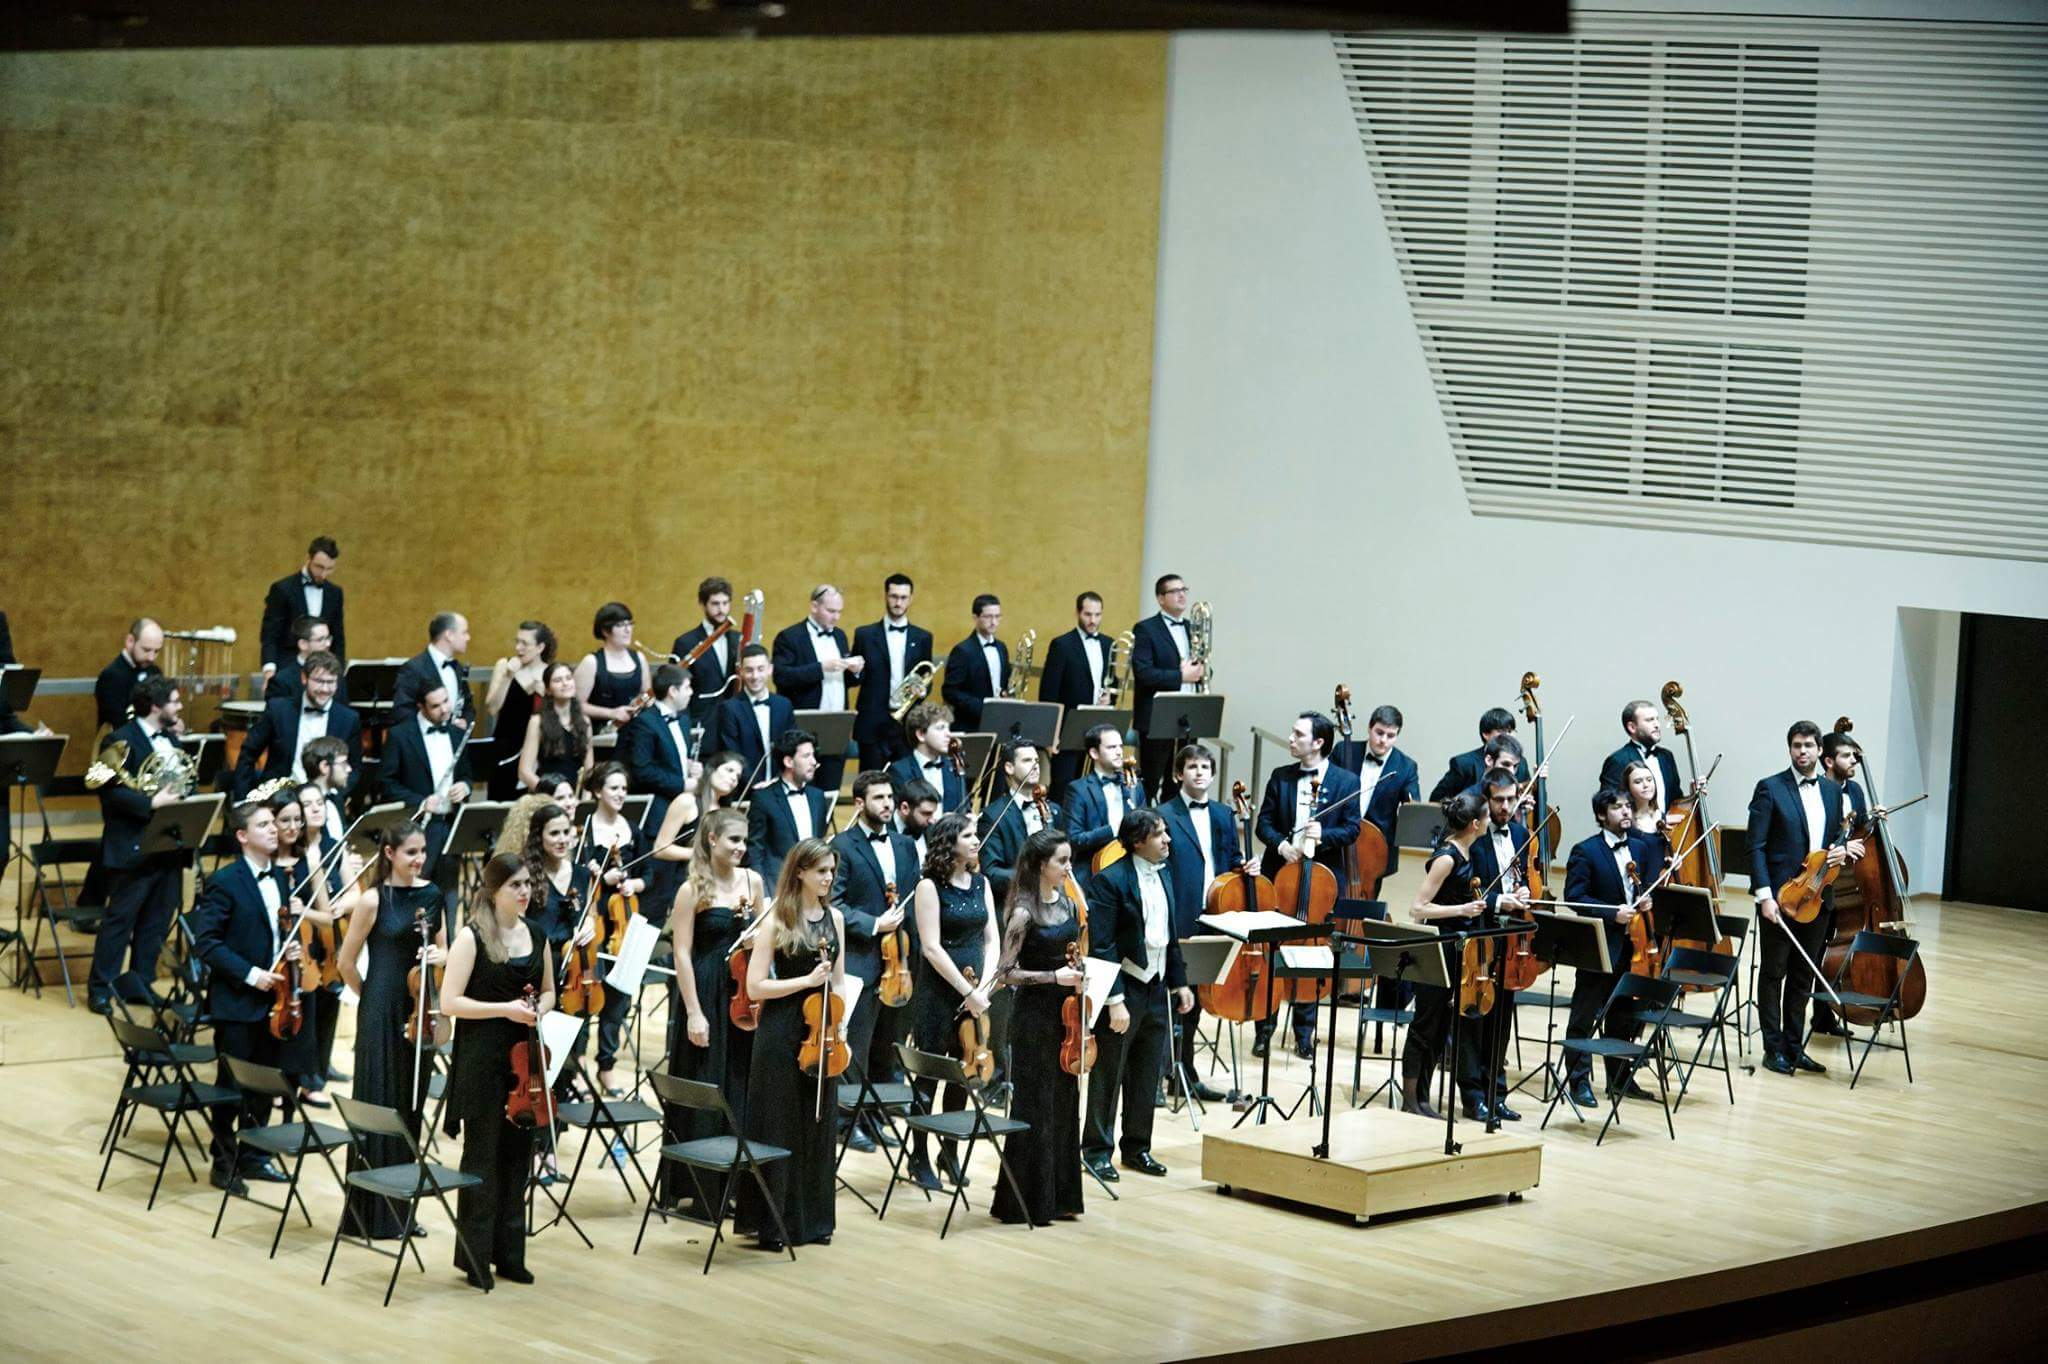 La Orquesta Sinfónica de Bankia se presenta en sociedad